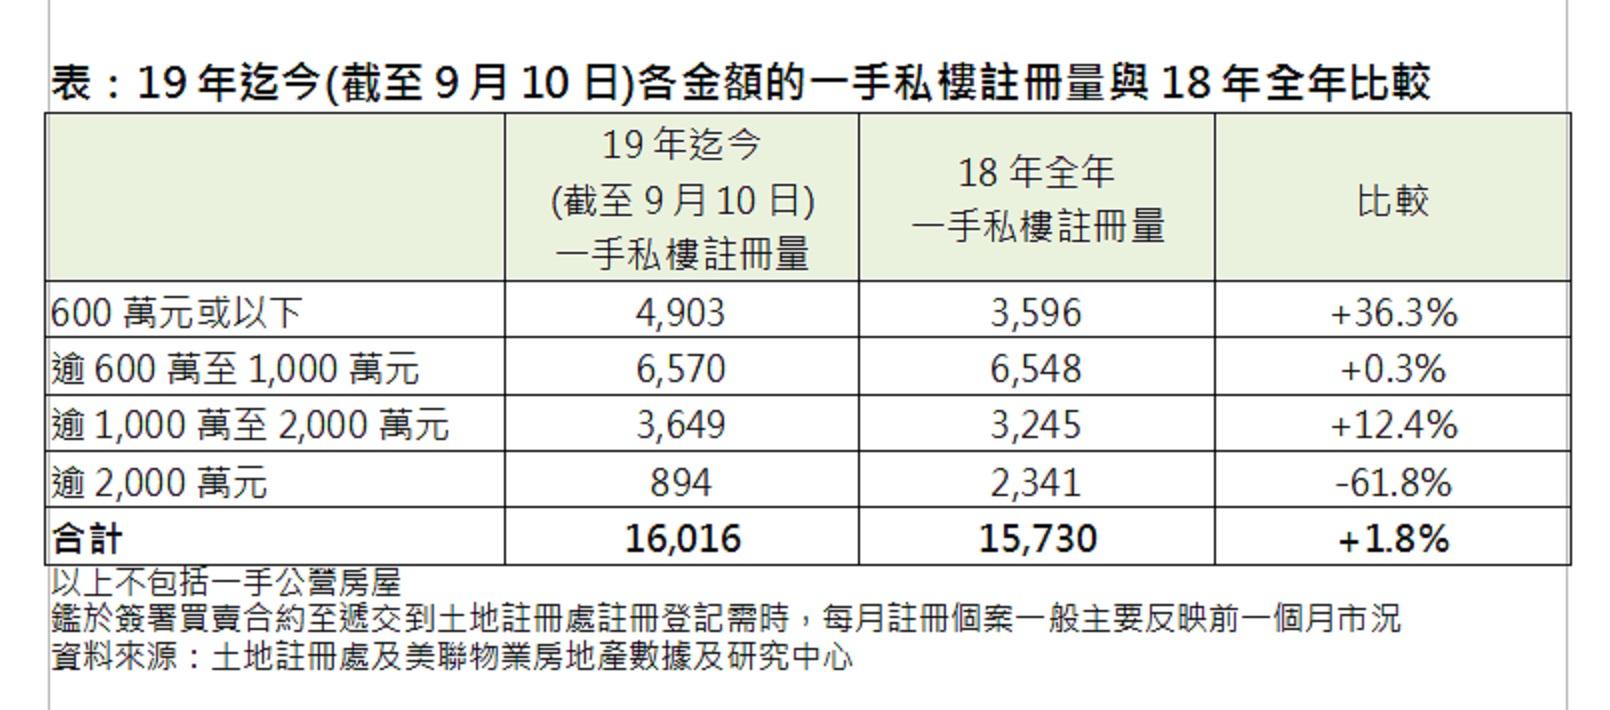 一手私樓註冊量破1.6萬宗超去年全年